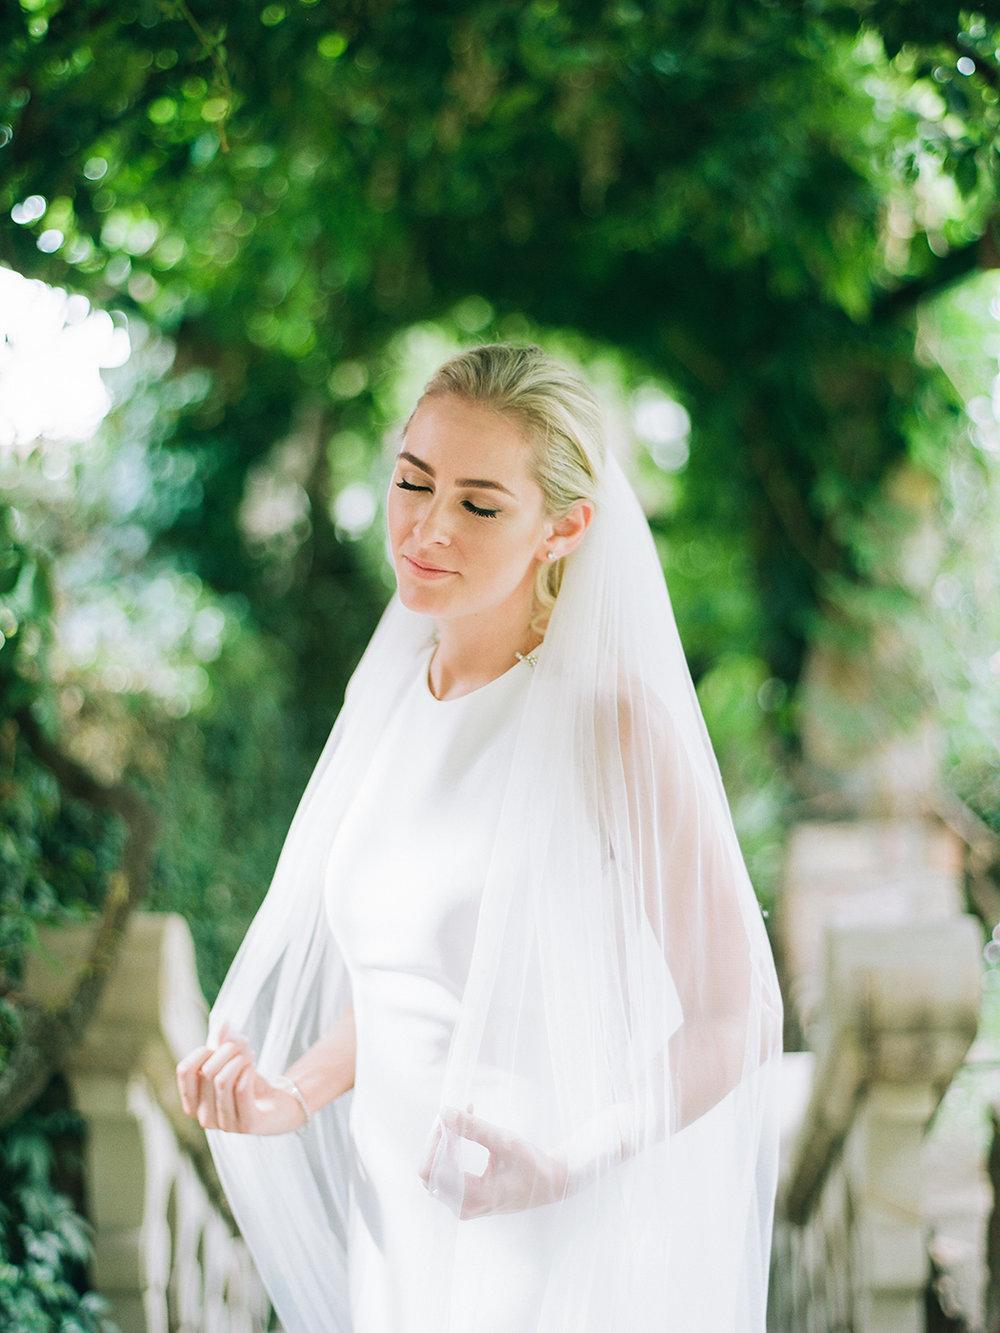 Veiled Bride | Rensche Mari Photography